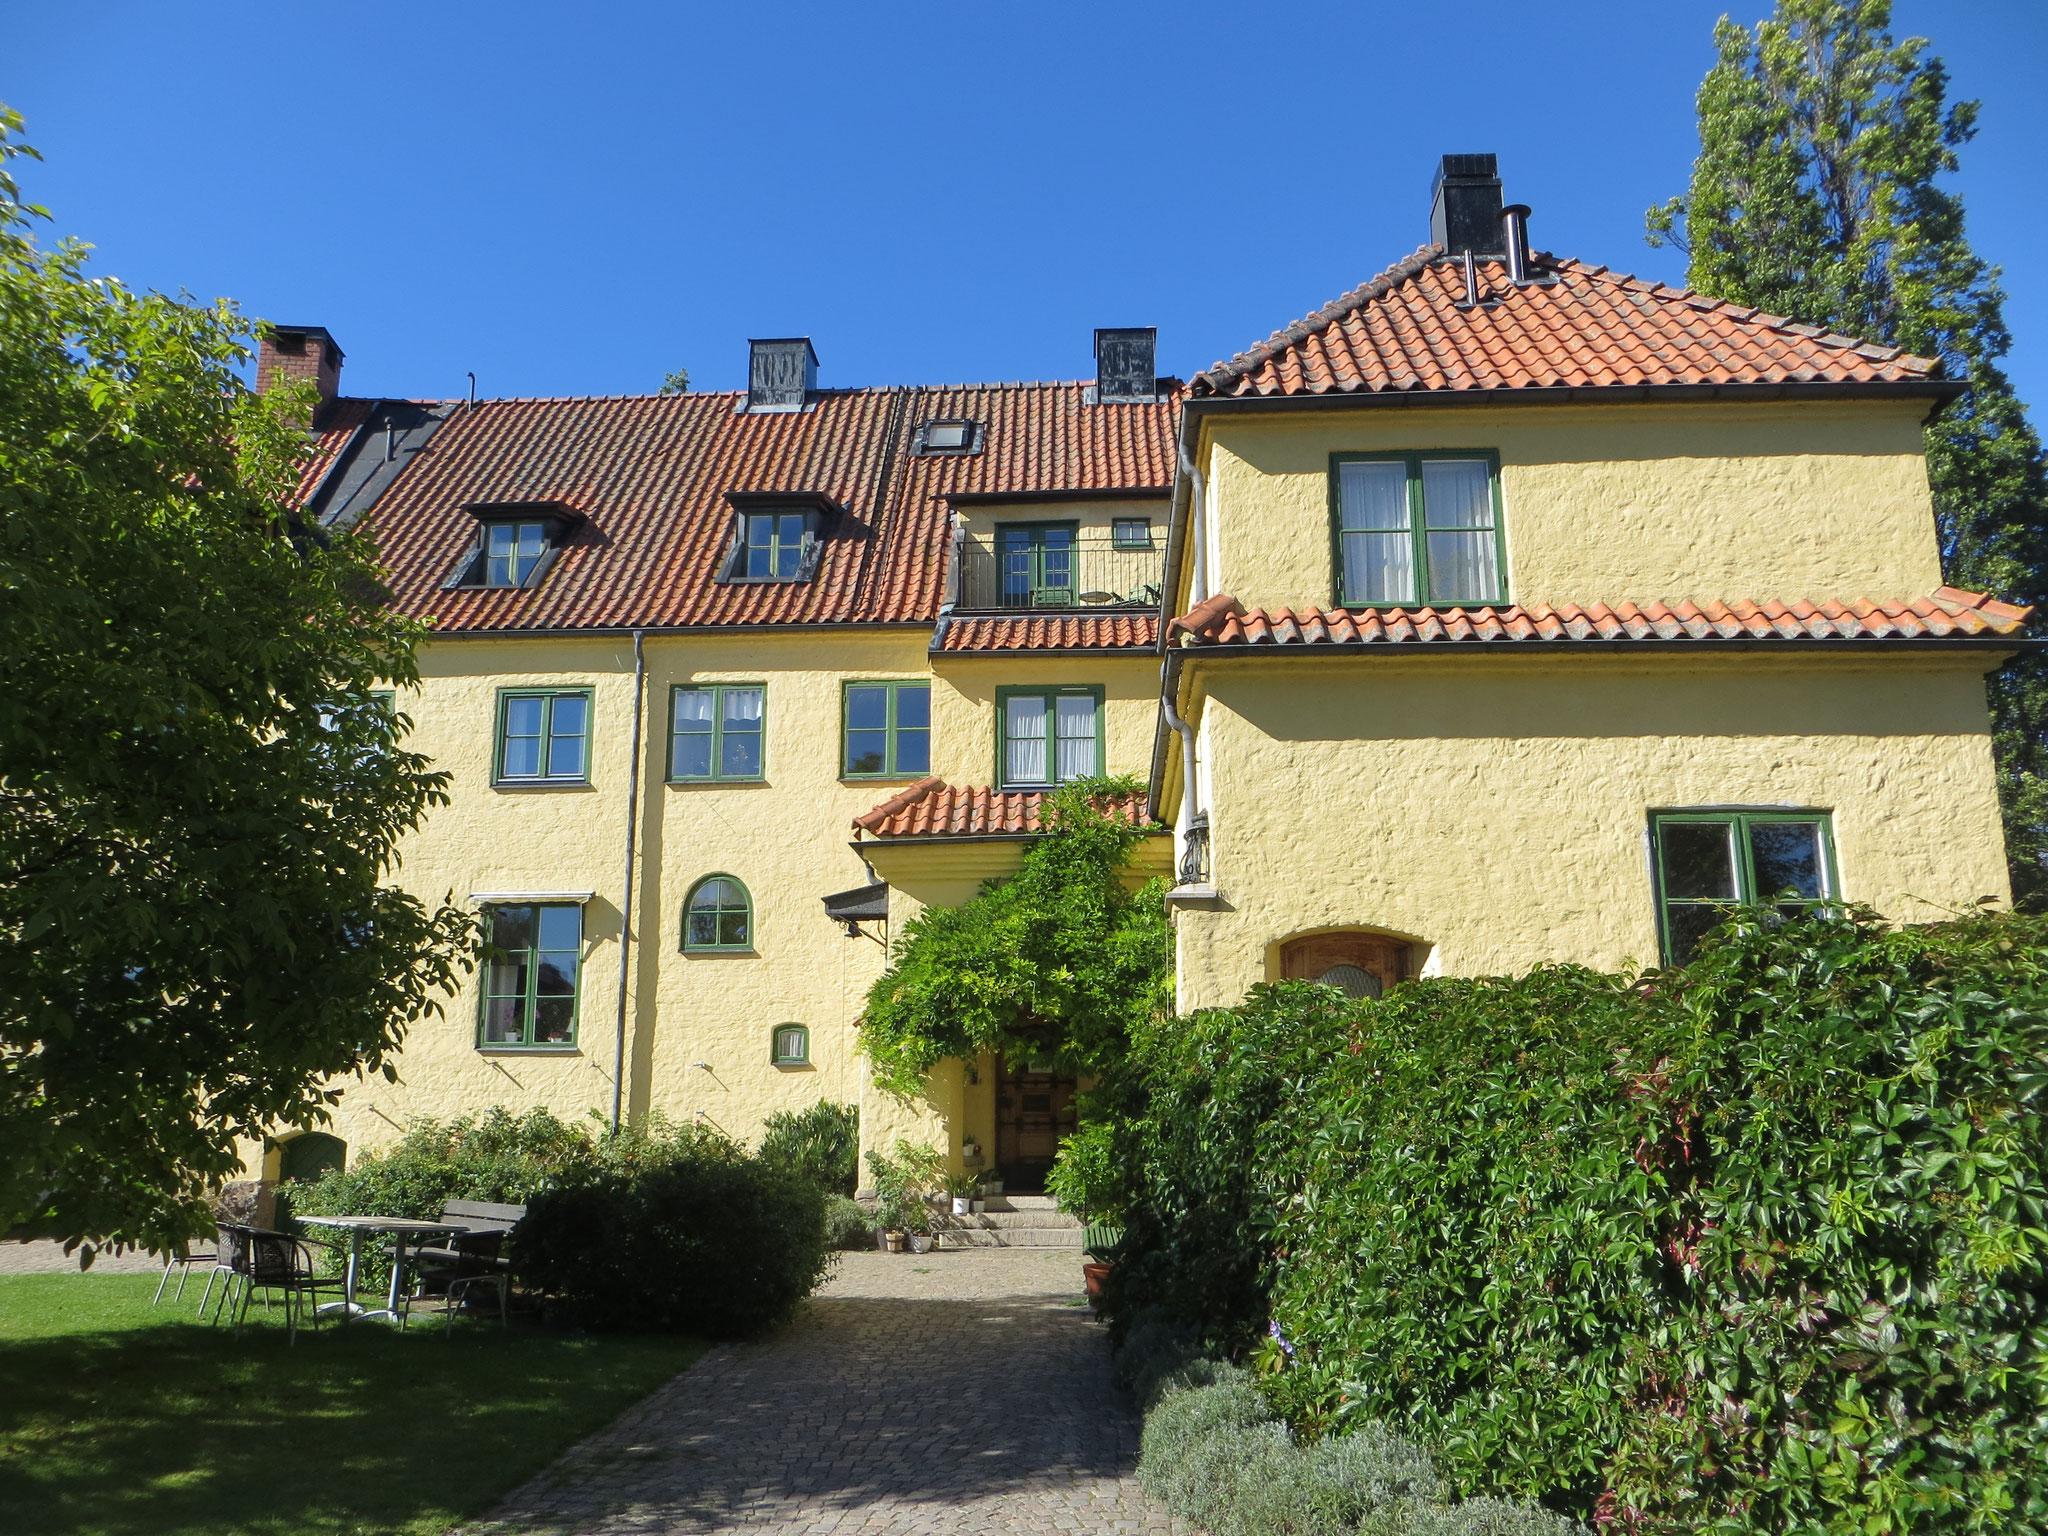 Gästeheim der Birgittaschwestern